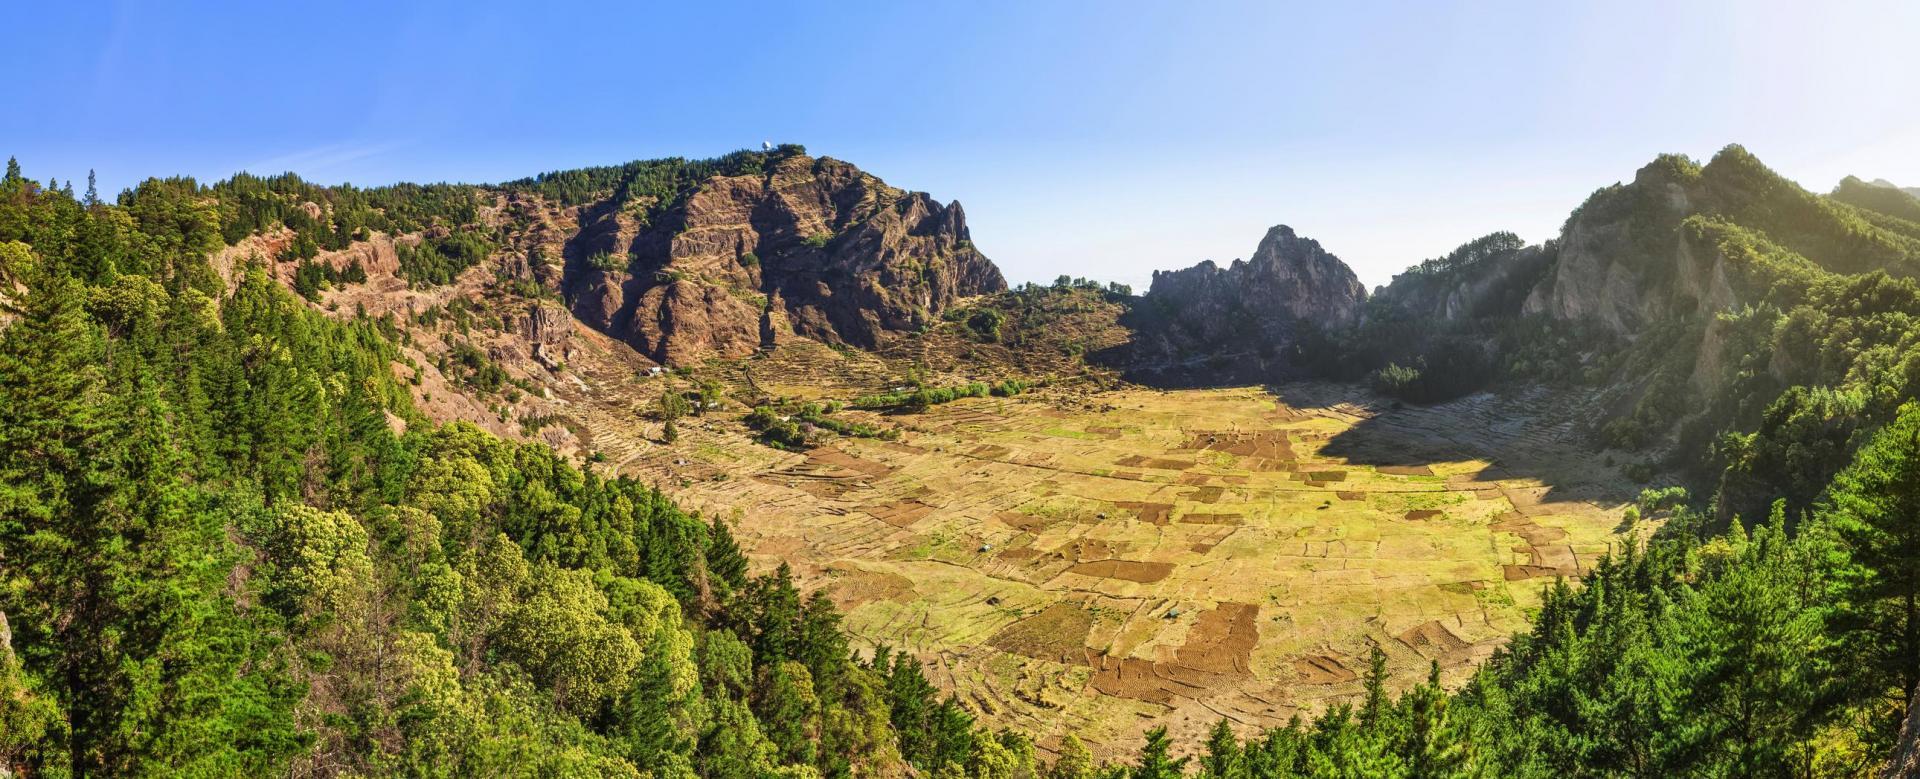 Voyage à pied : Pitons et vallées de santo antão